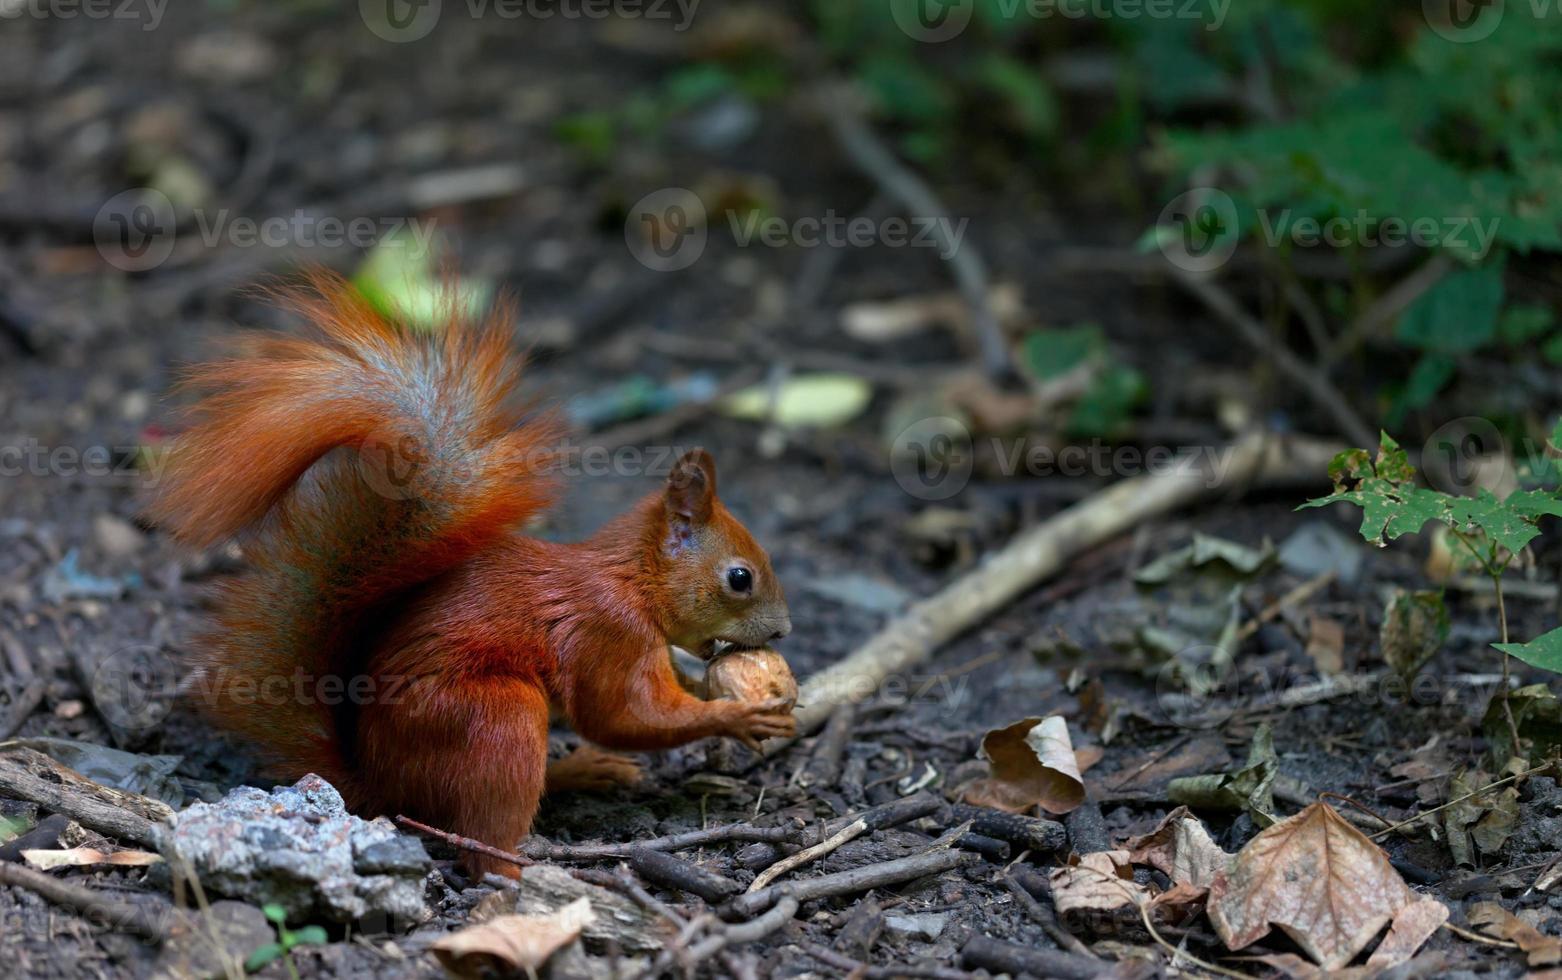 esquilo vermelho come nozes na floresta de outono foto